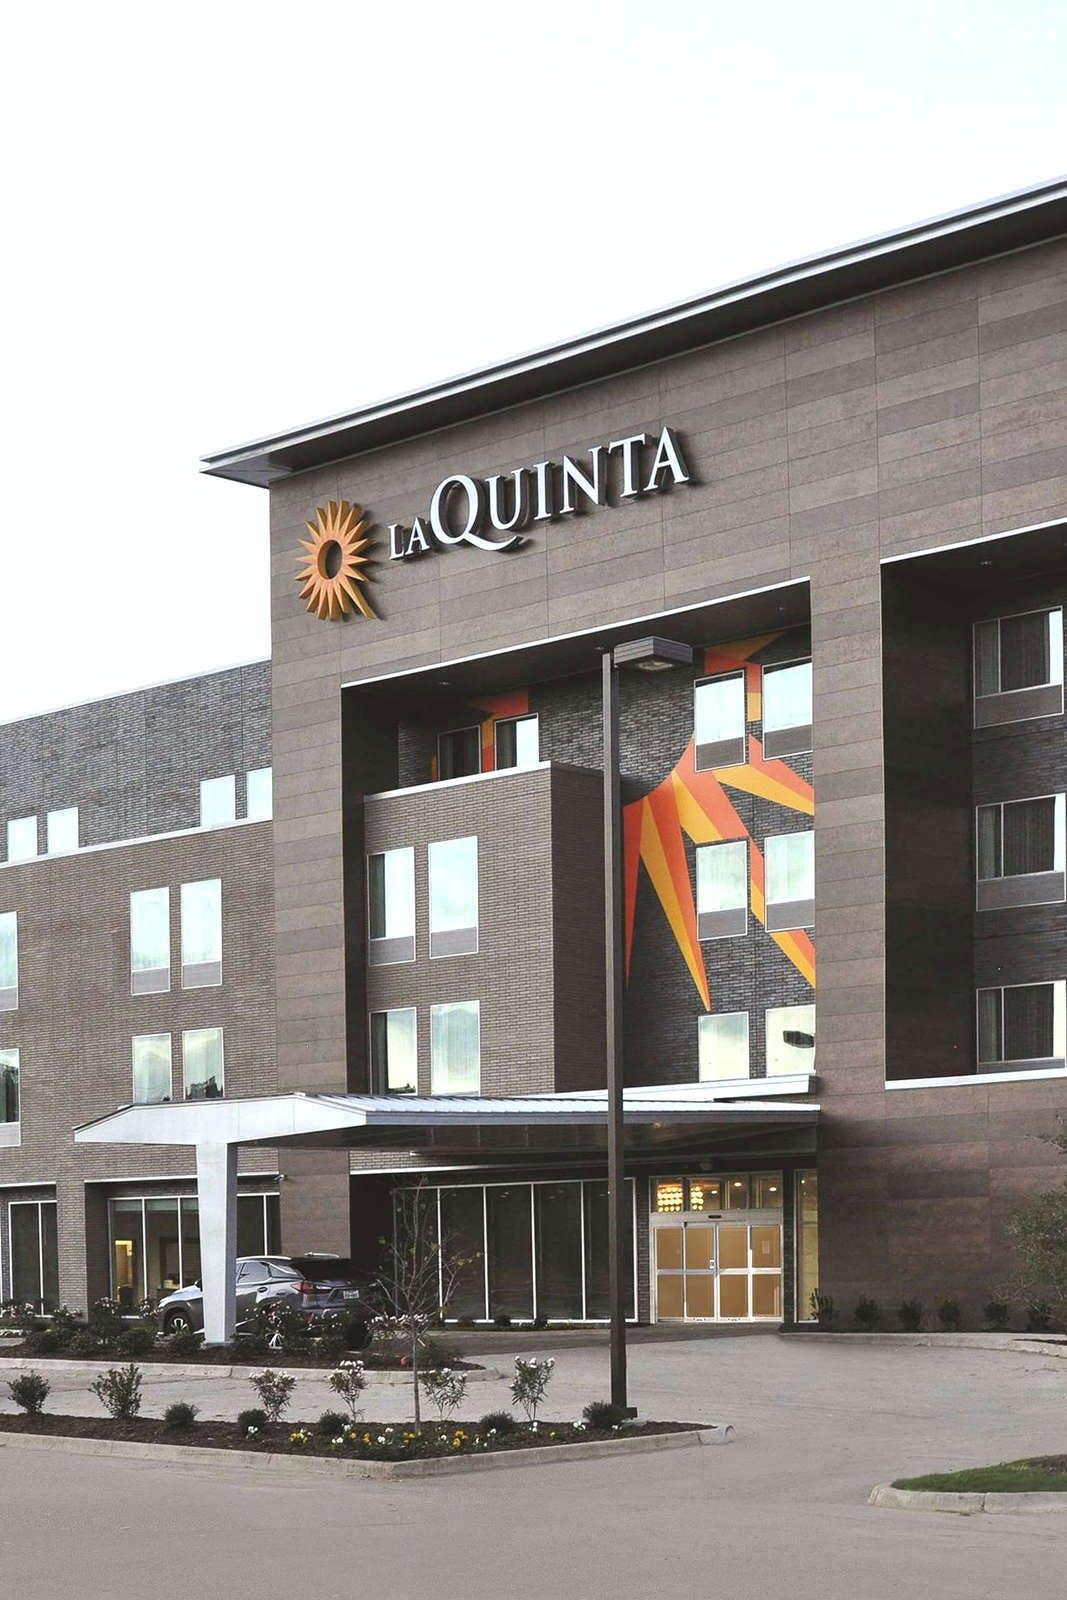 La Quinta by Wyndham Dallas Grand Prairie North